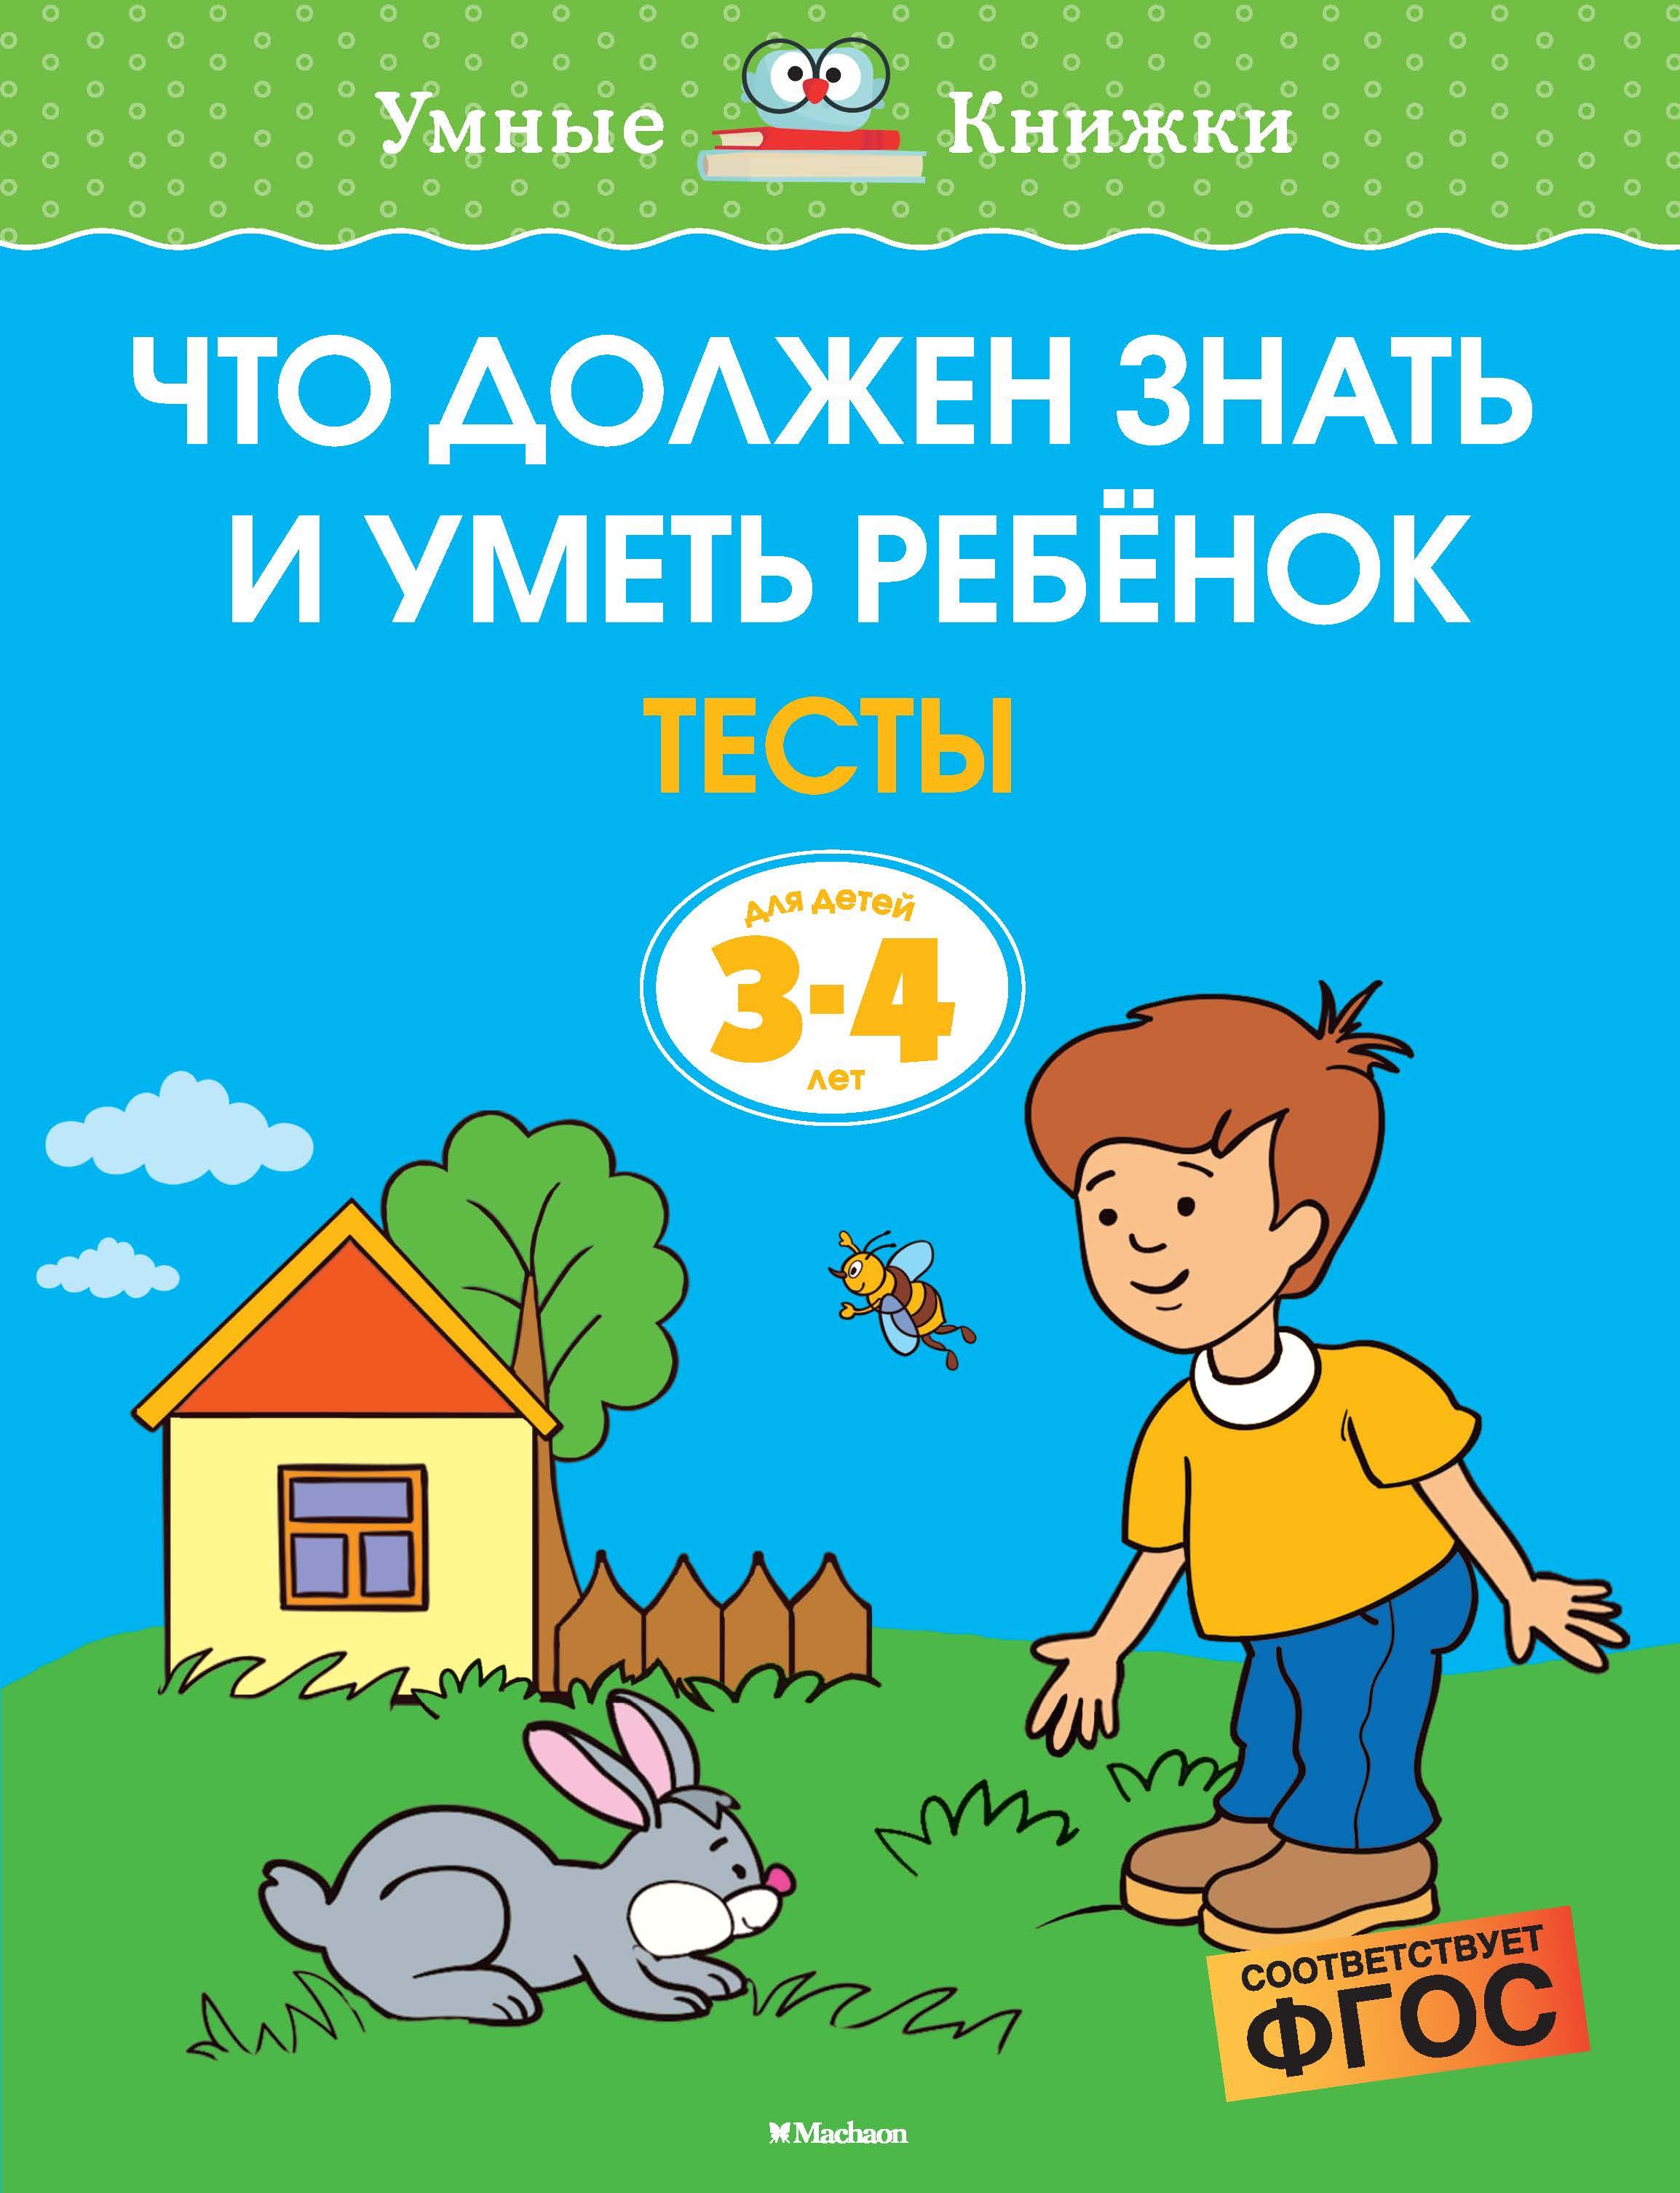 Развивающие книги для детей 4-5 лет: обзор лучших произведений и учебников